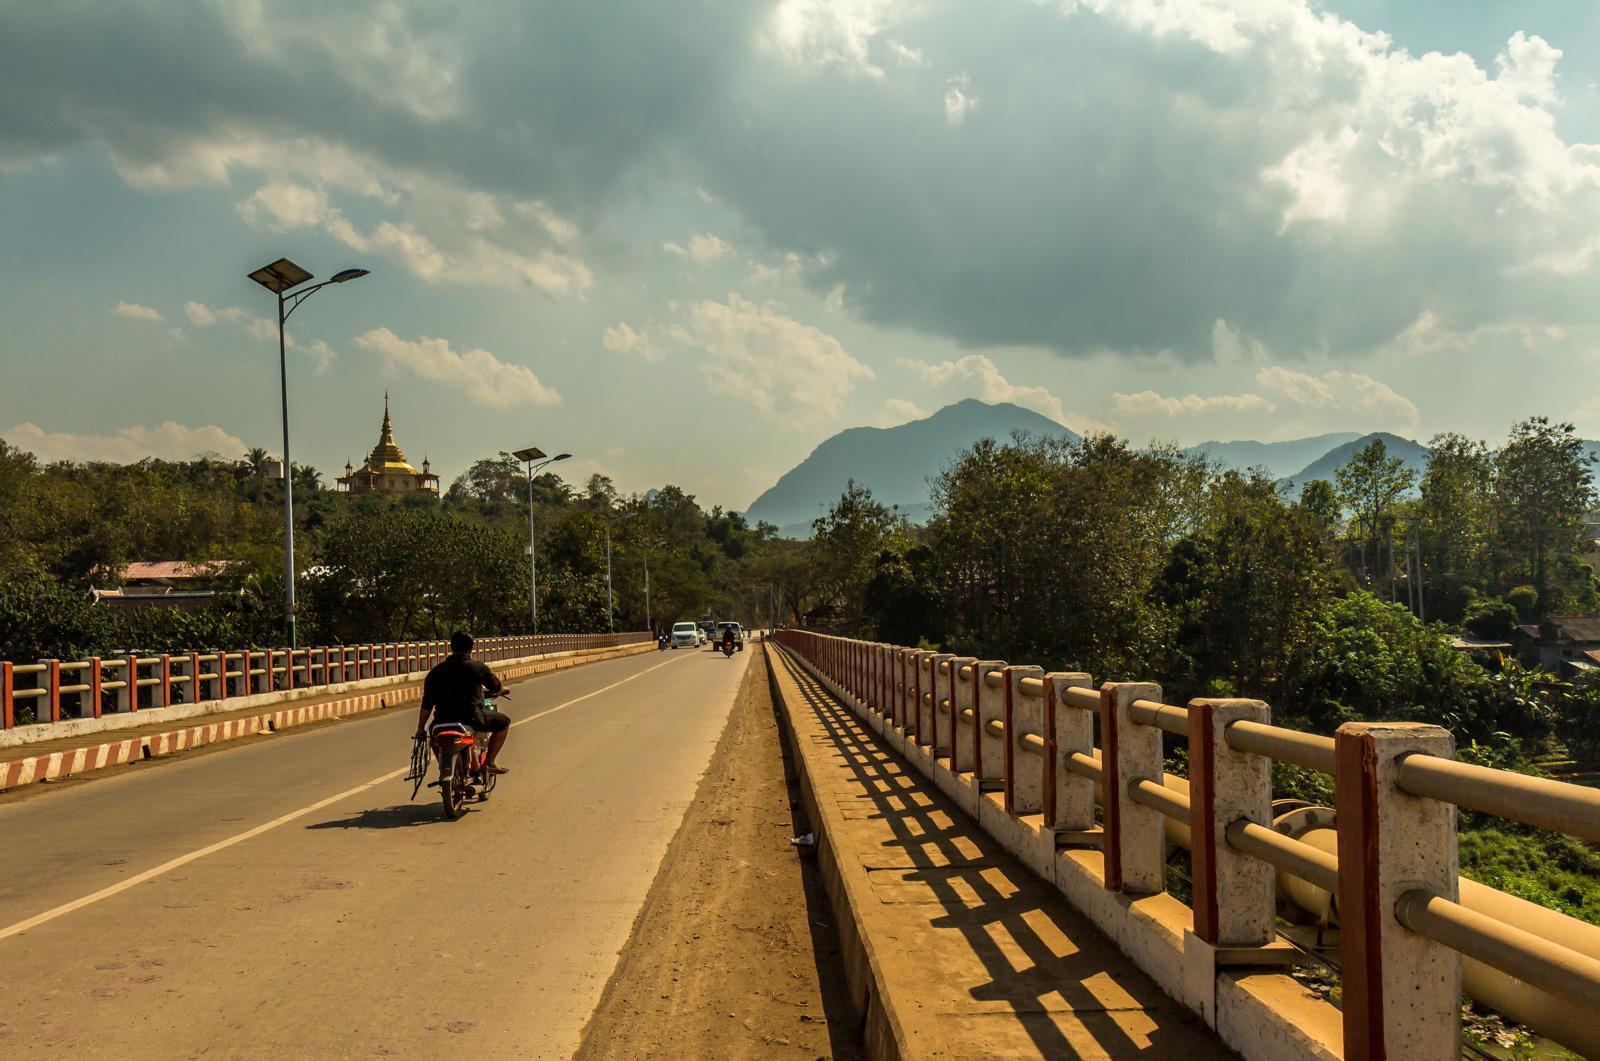 At last I arrived in Luang Prabang.